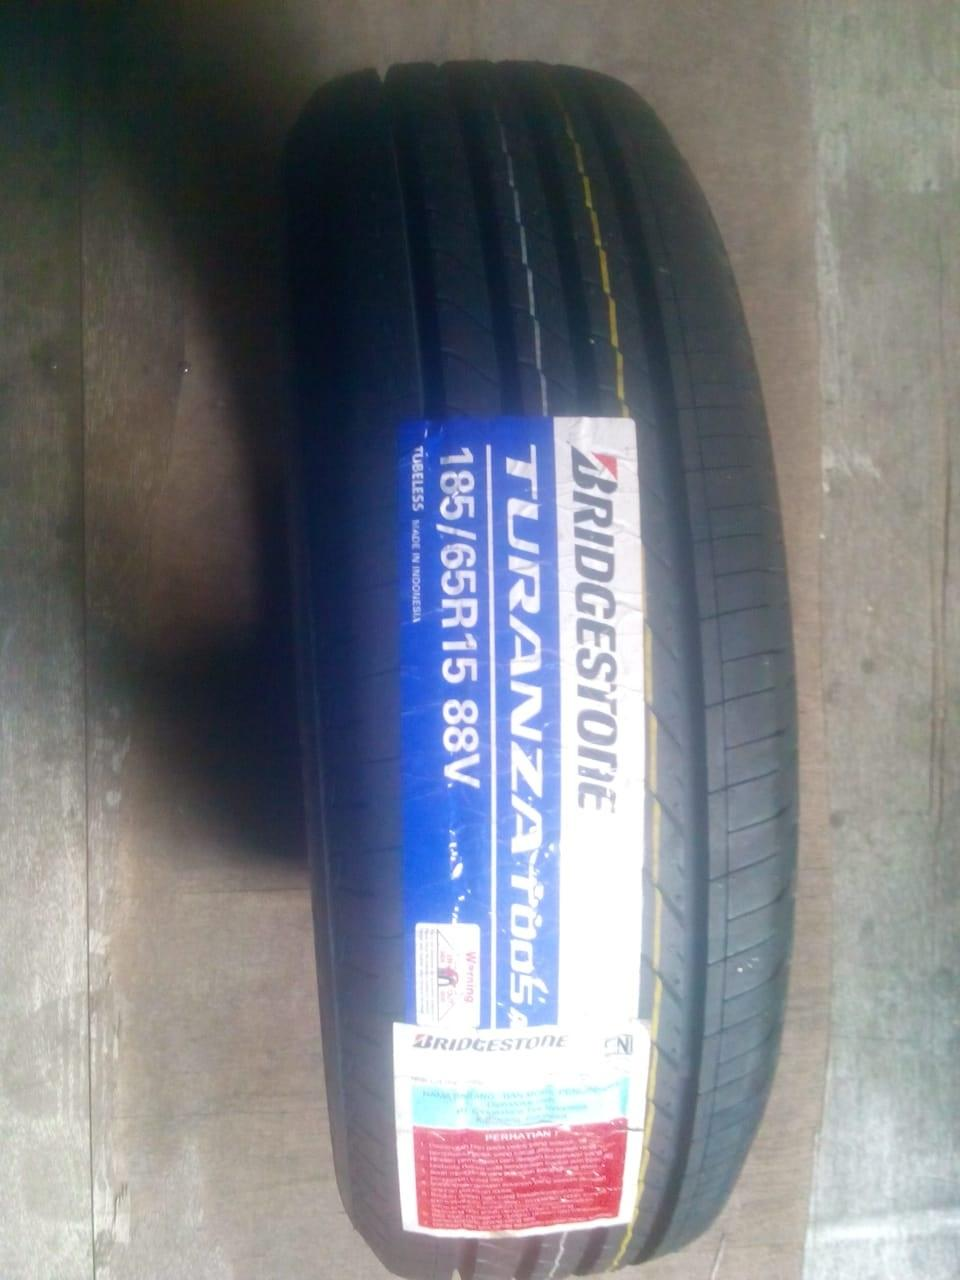 Jual Bridgestone Turanza Ar20 Murah Garansi Dan Berkualitas Id Store Ban Mobil T005a 185 65 R15 Vocer Rp 820000 Mobilidr820000